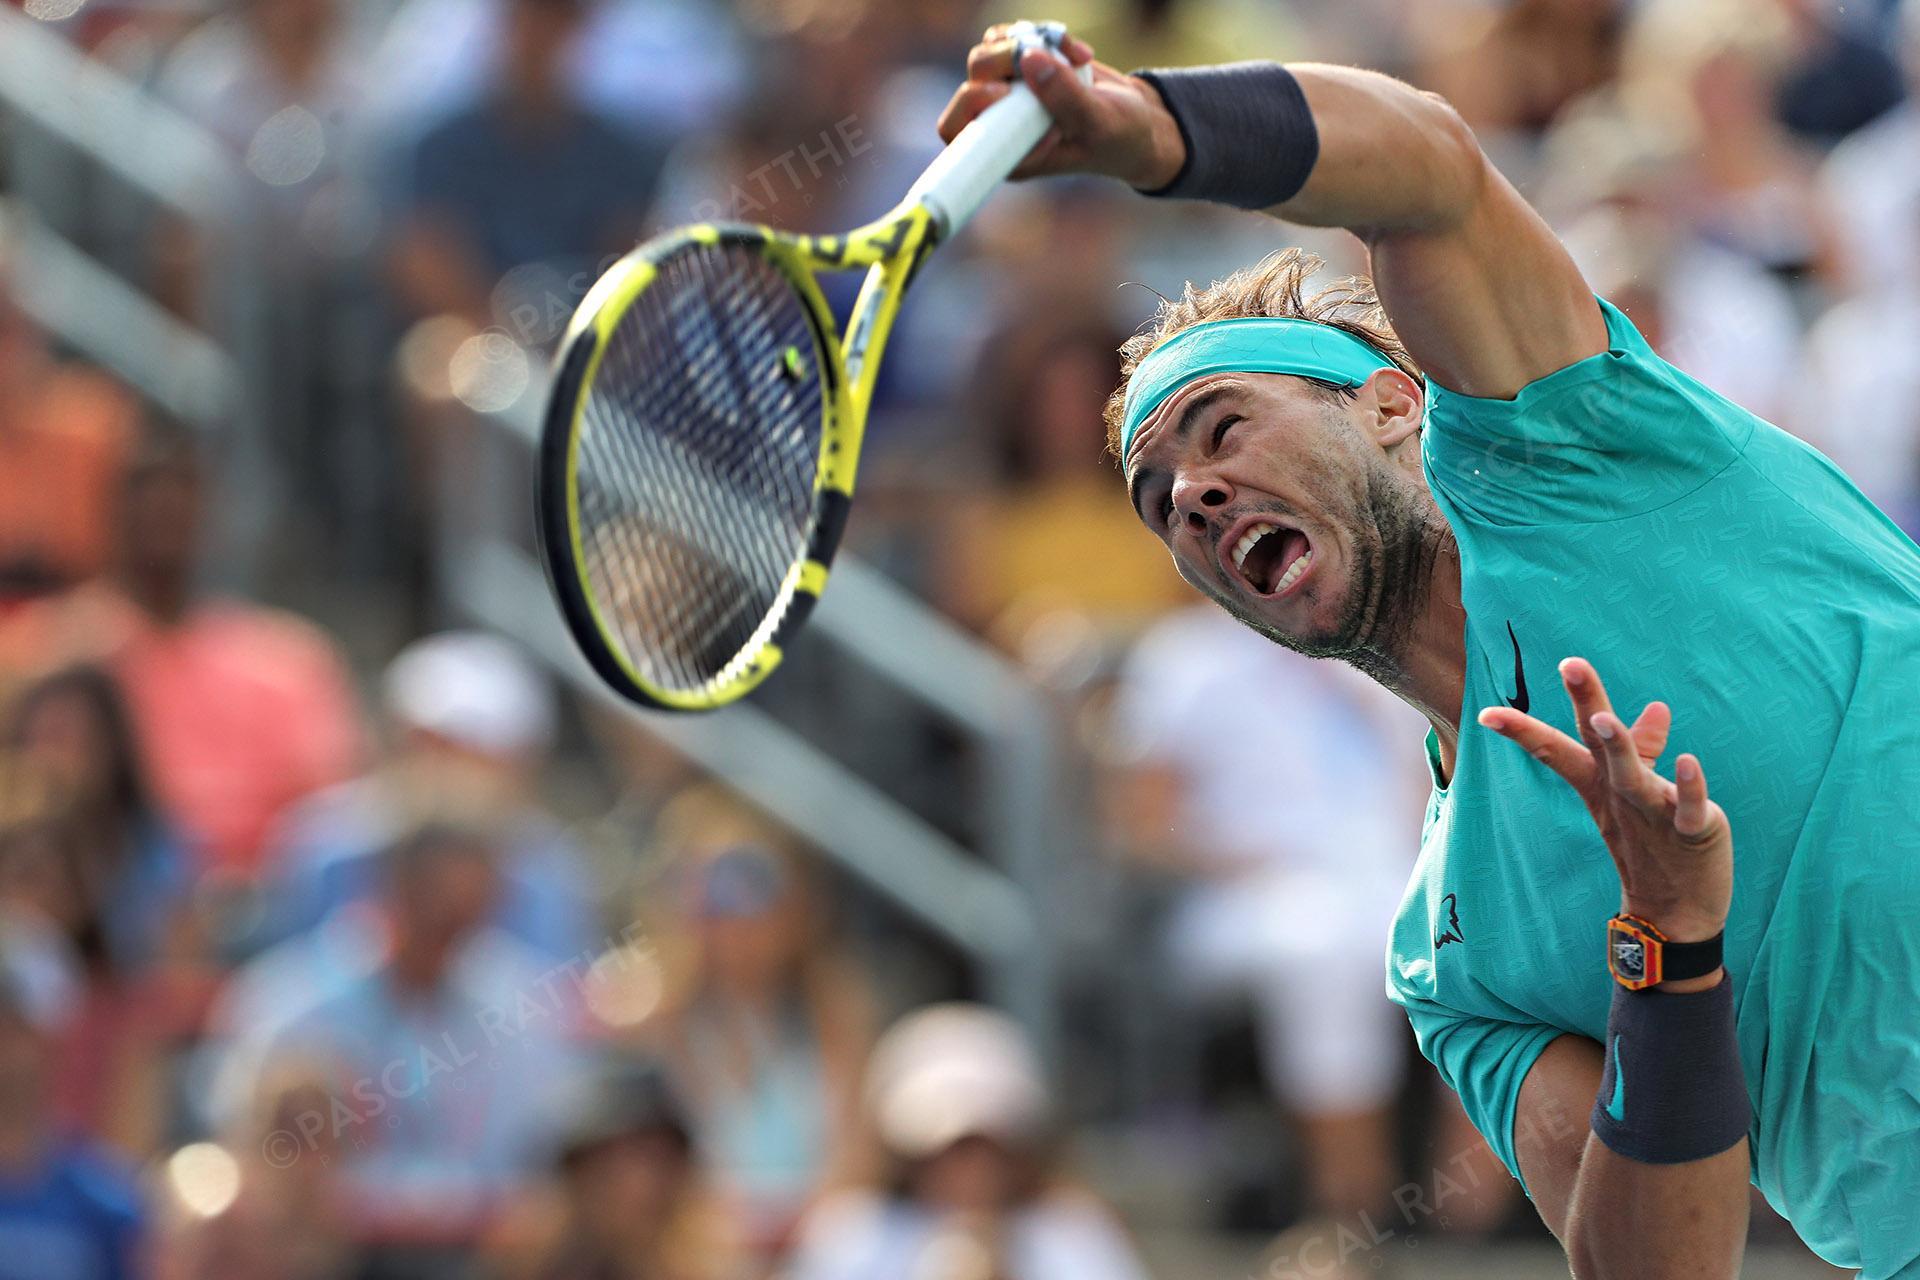 un service de Rafael Nadal est un joueur de tennis espagnol à la coupe rogers 2019